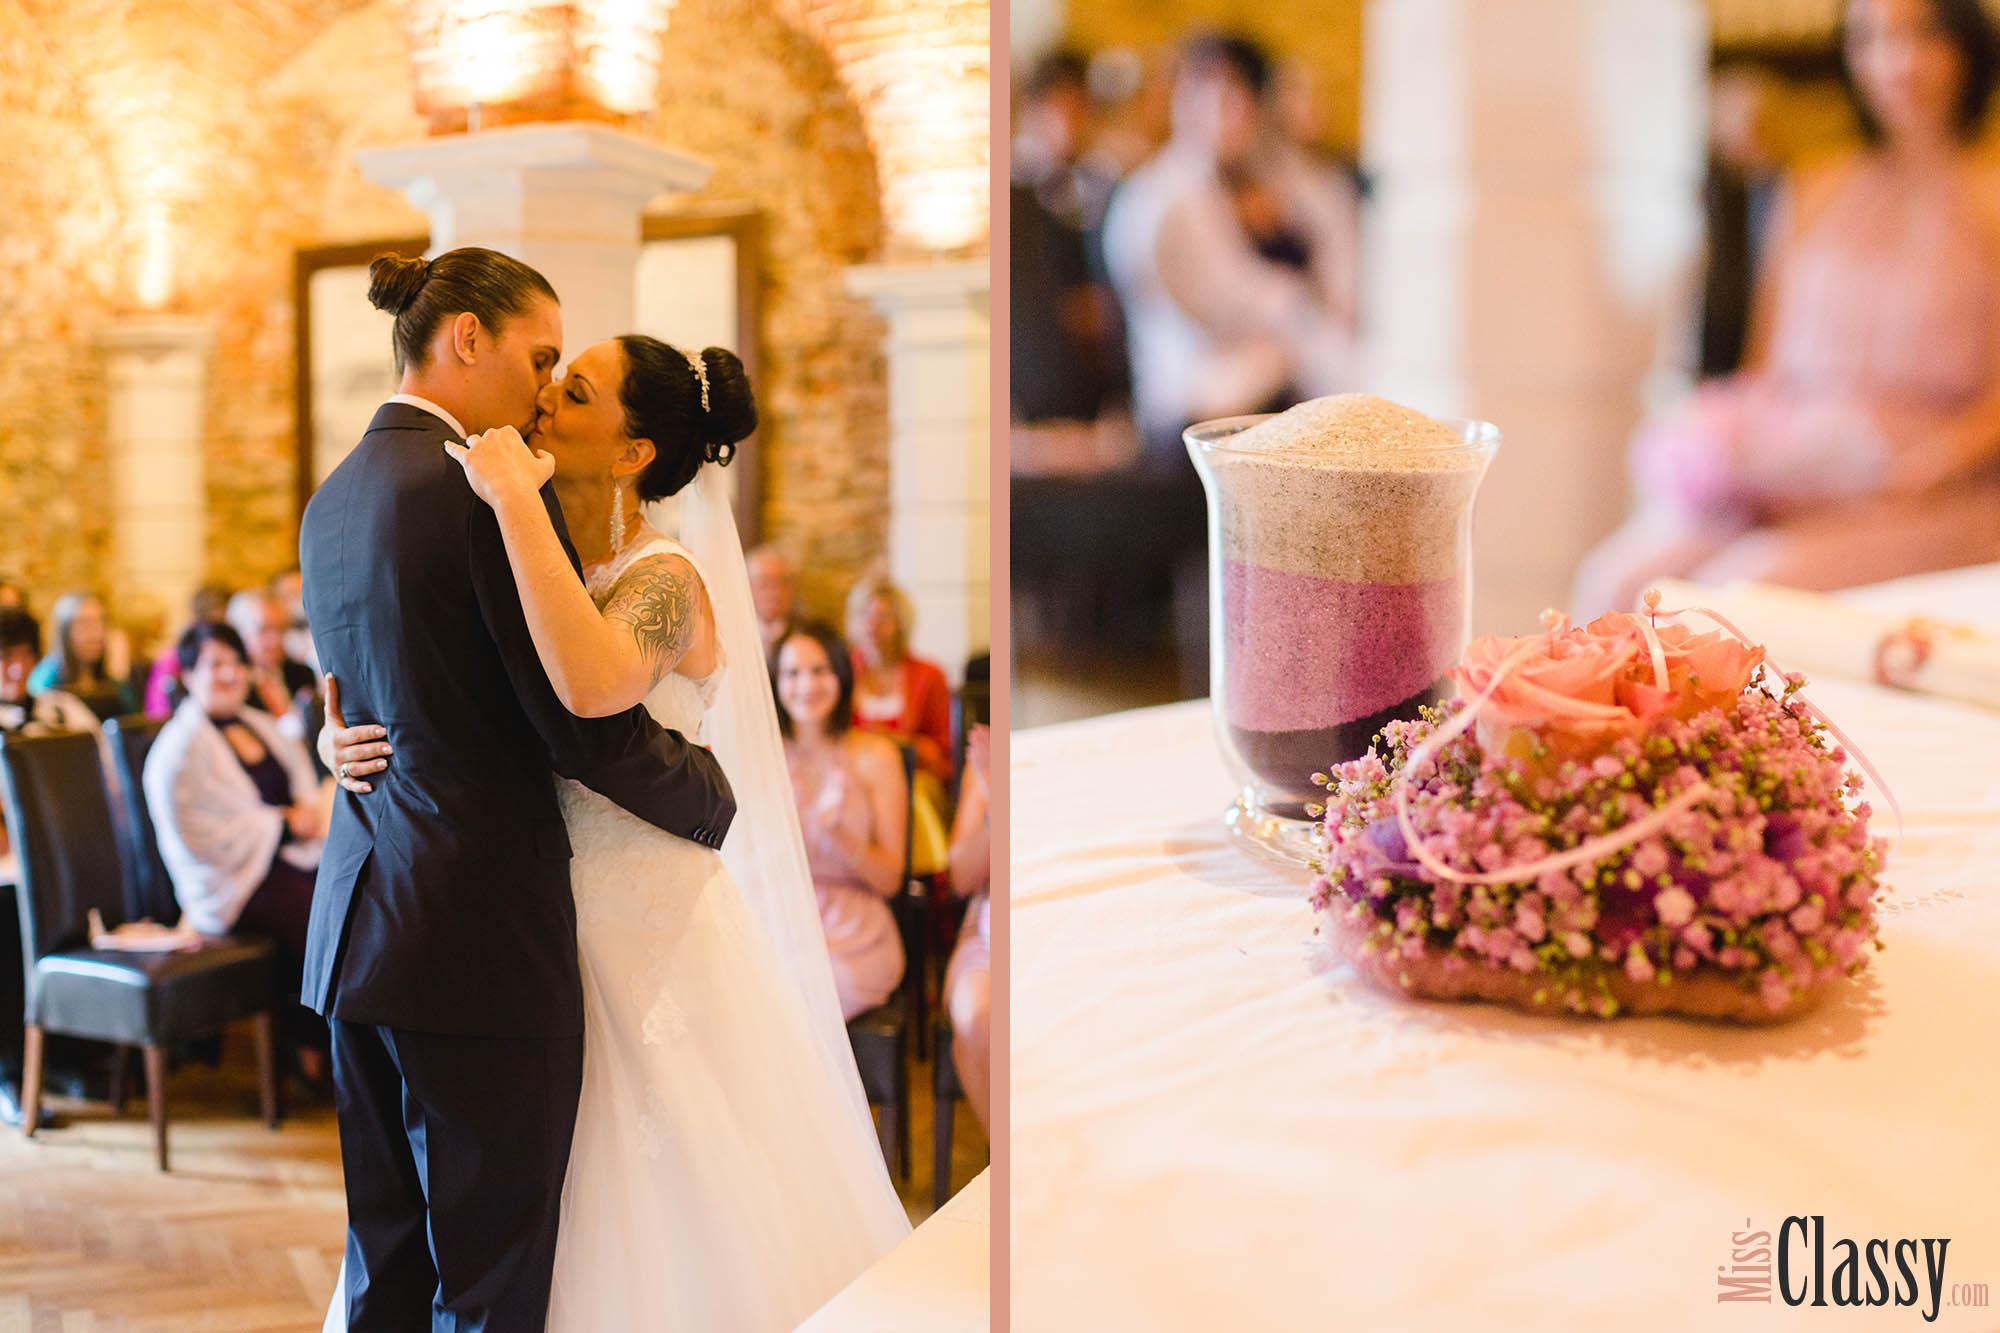 Meine Hochzeit - Best day of my Life - Miss Classy